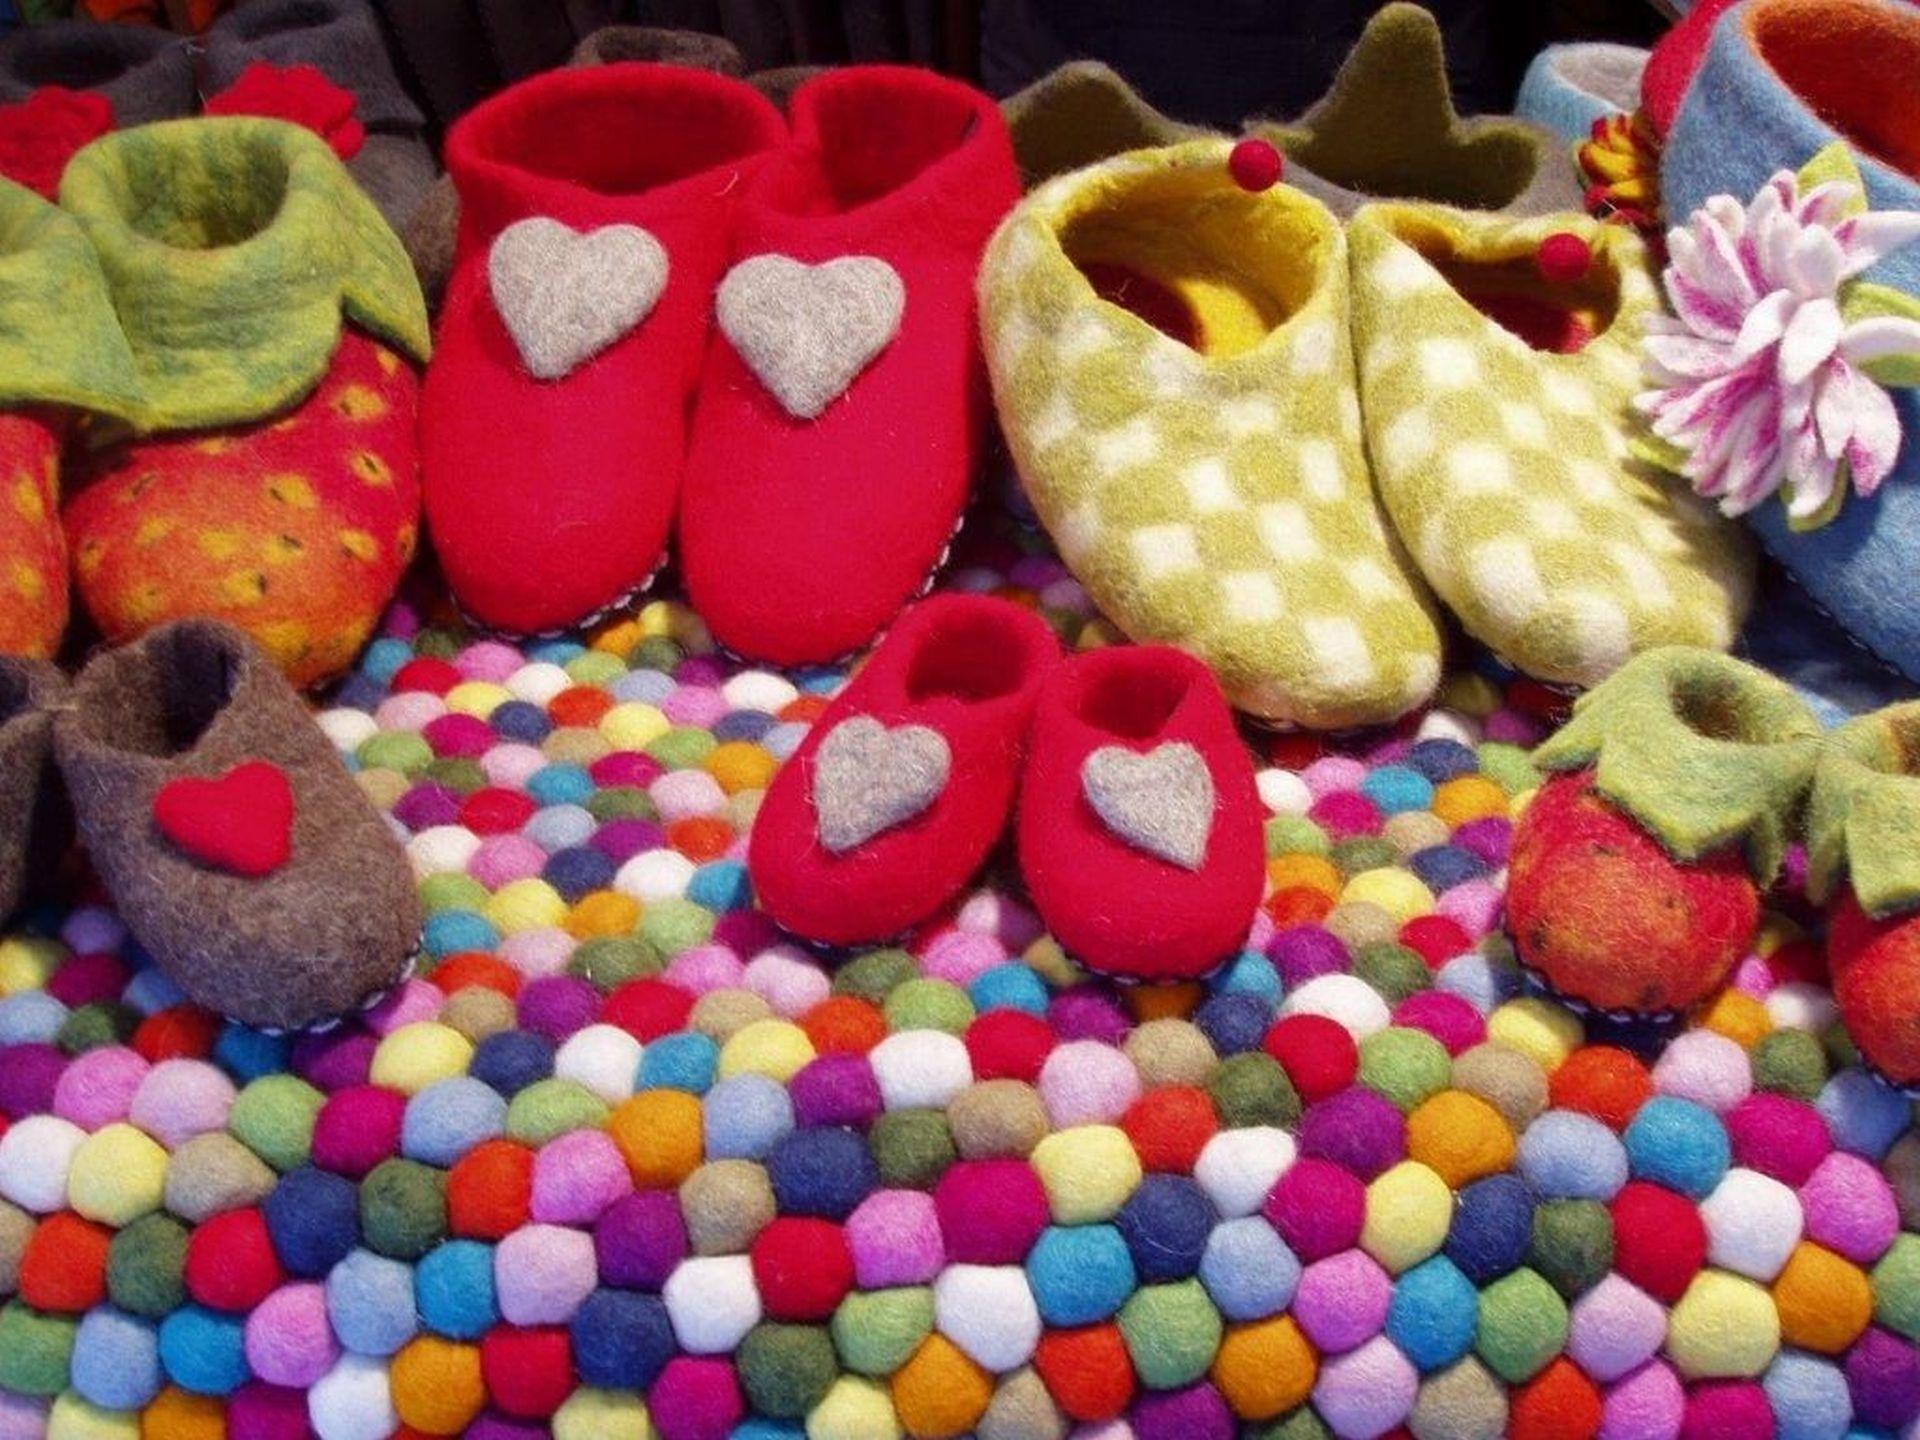 Beim Filzen sind der Kreativität keine Grenzen gesetzt. Aber nicht nur Hausschuhe, sondern auch Jacken oder Ponchos können genau die richtige Wahl für den Winter sein. - Photocredit: pixabay.com/RitaE